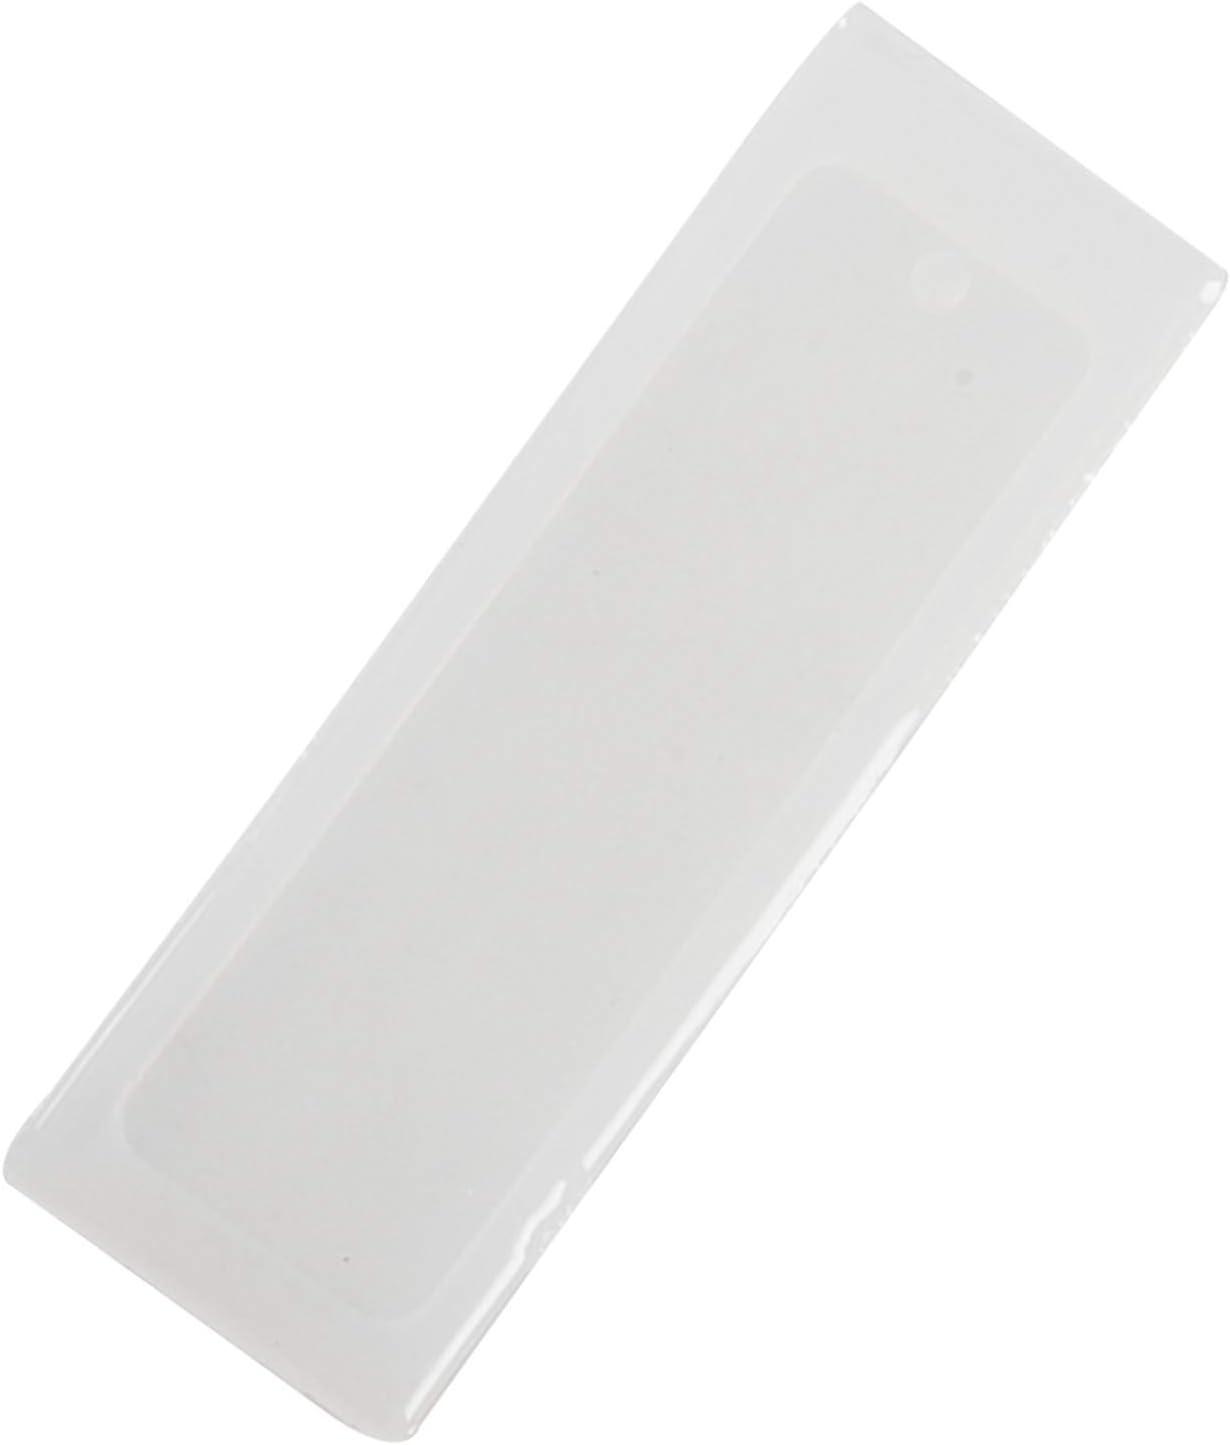 Marcador de DIY Fabricacion de Resina de Resina epoxi Molde Artesanal de Silicona Molde Transparente LQNB Molde del Marcador del Silicon del rectangulo de 2 PC//Set